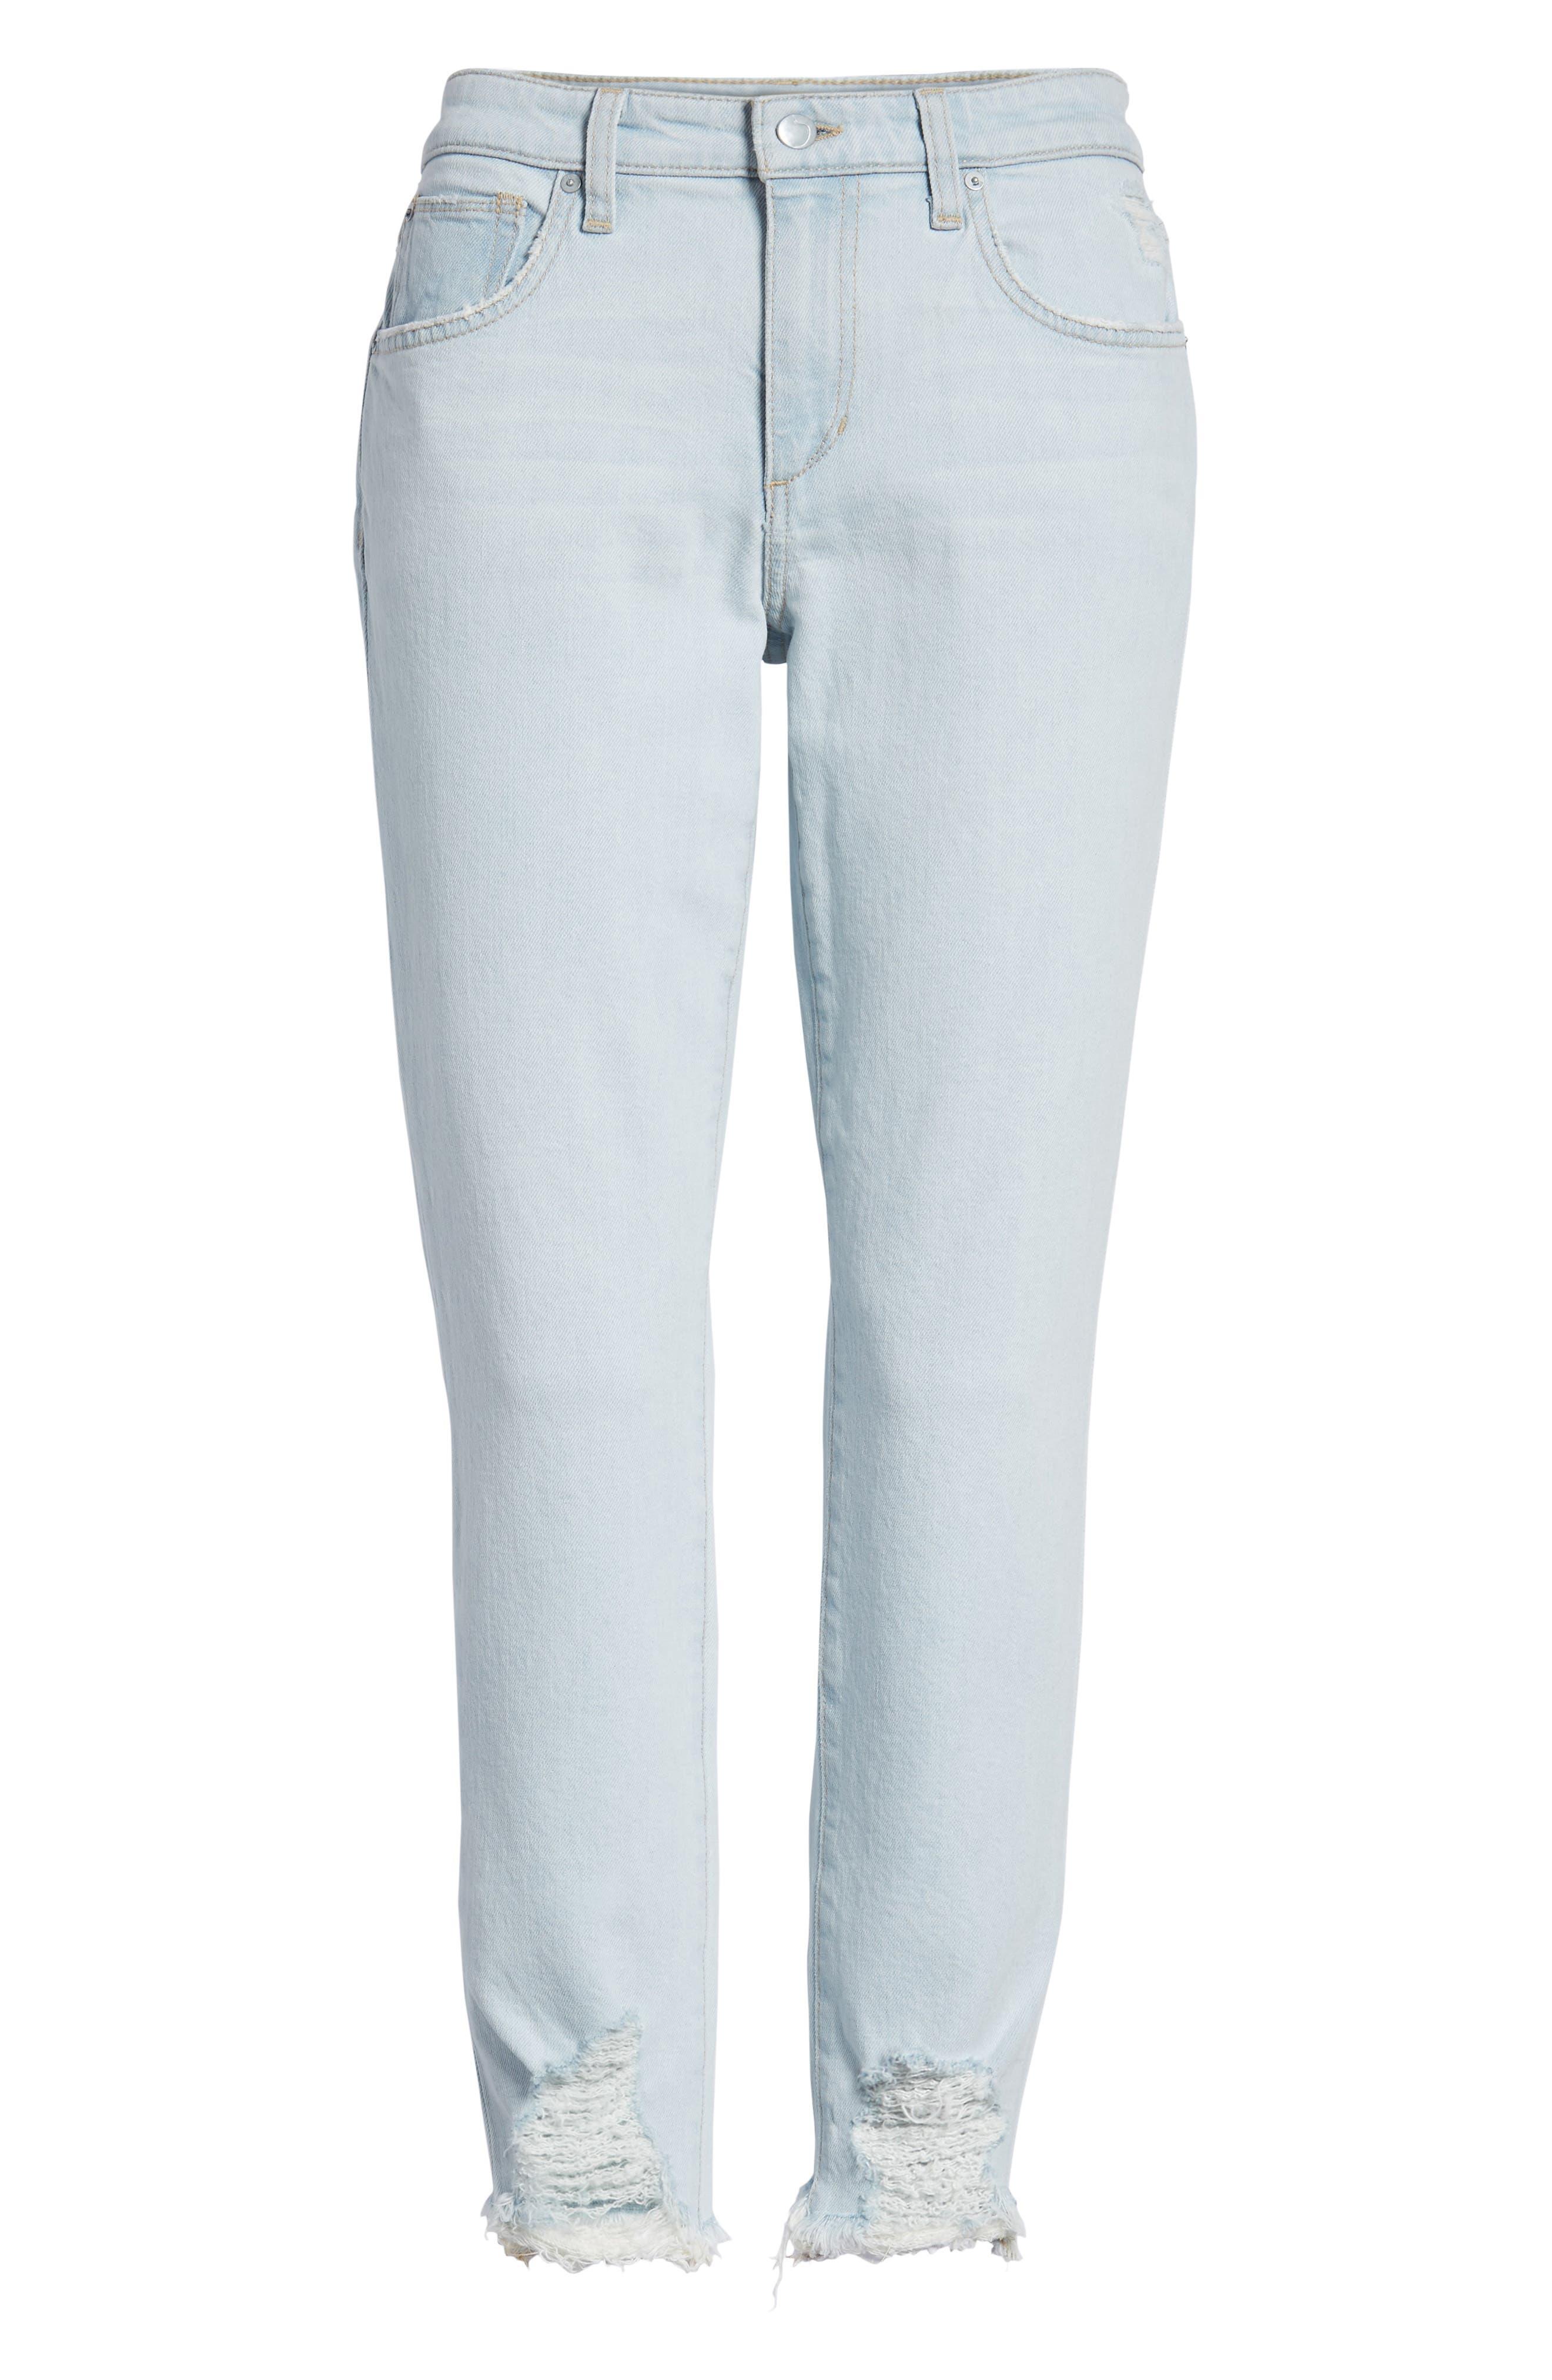 Smith Crop Boyfriend Jeans,                             Alternate thumbnail 7, color,                             450